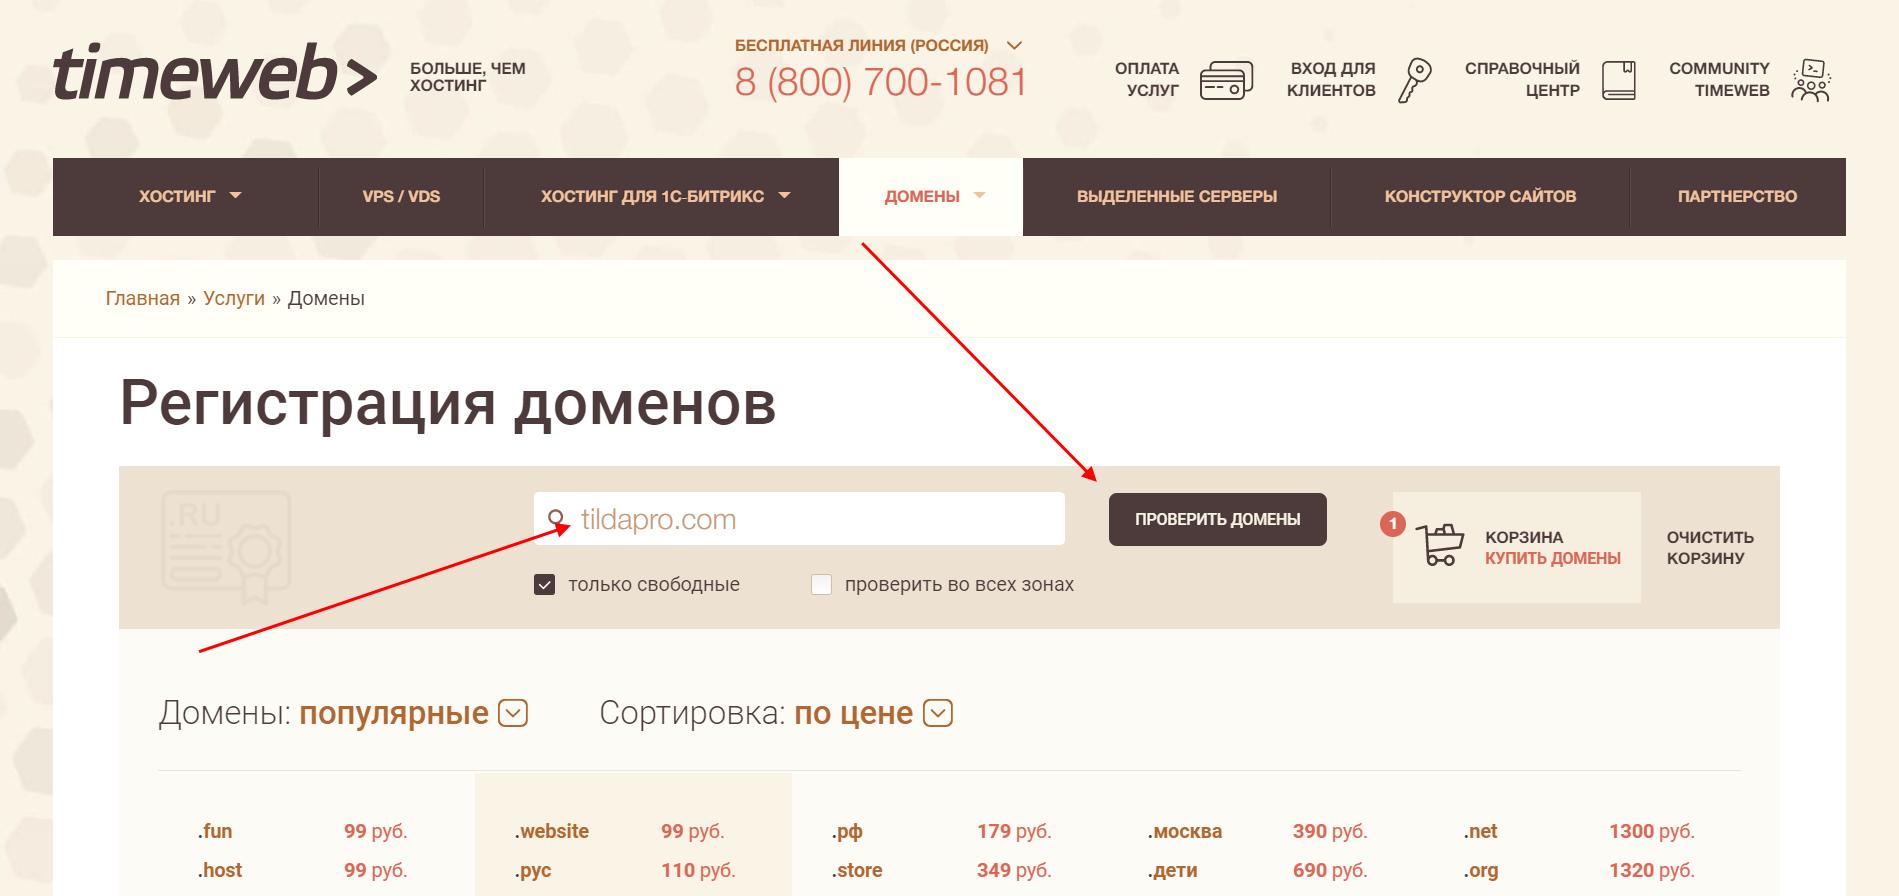 Как проверить доступность домена на Timeweb